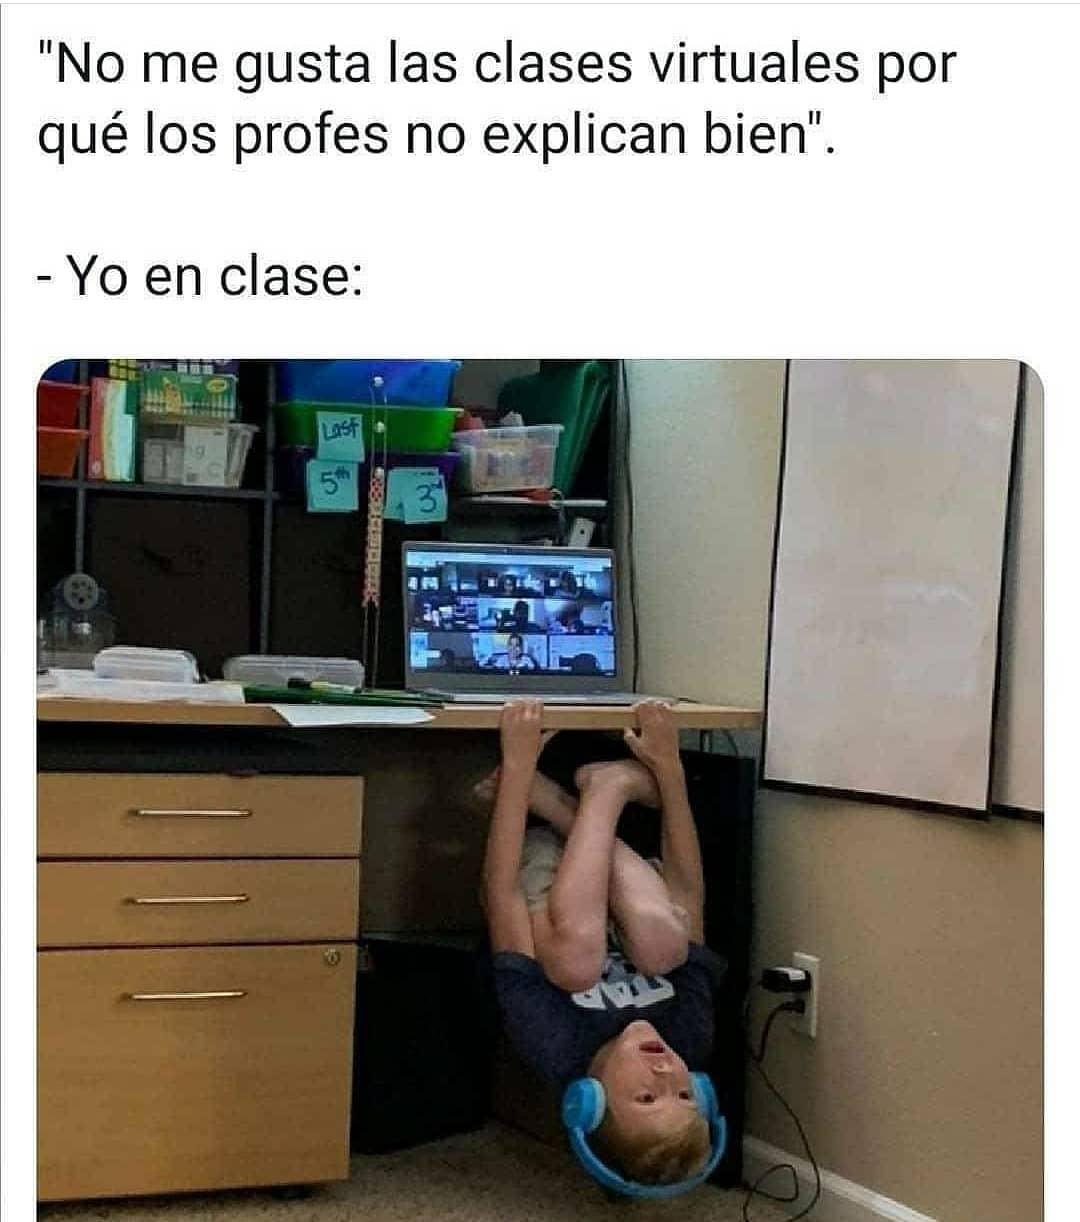 No me gustan las clases virtuales por qué los profes no explican bien.  Yo en clase: